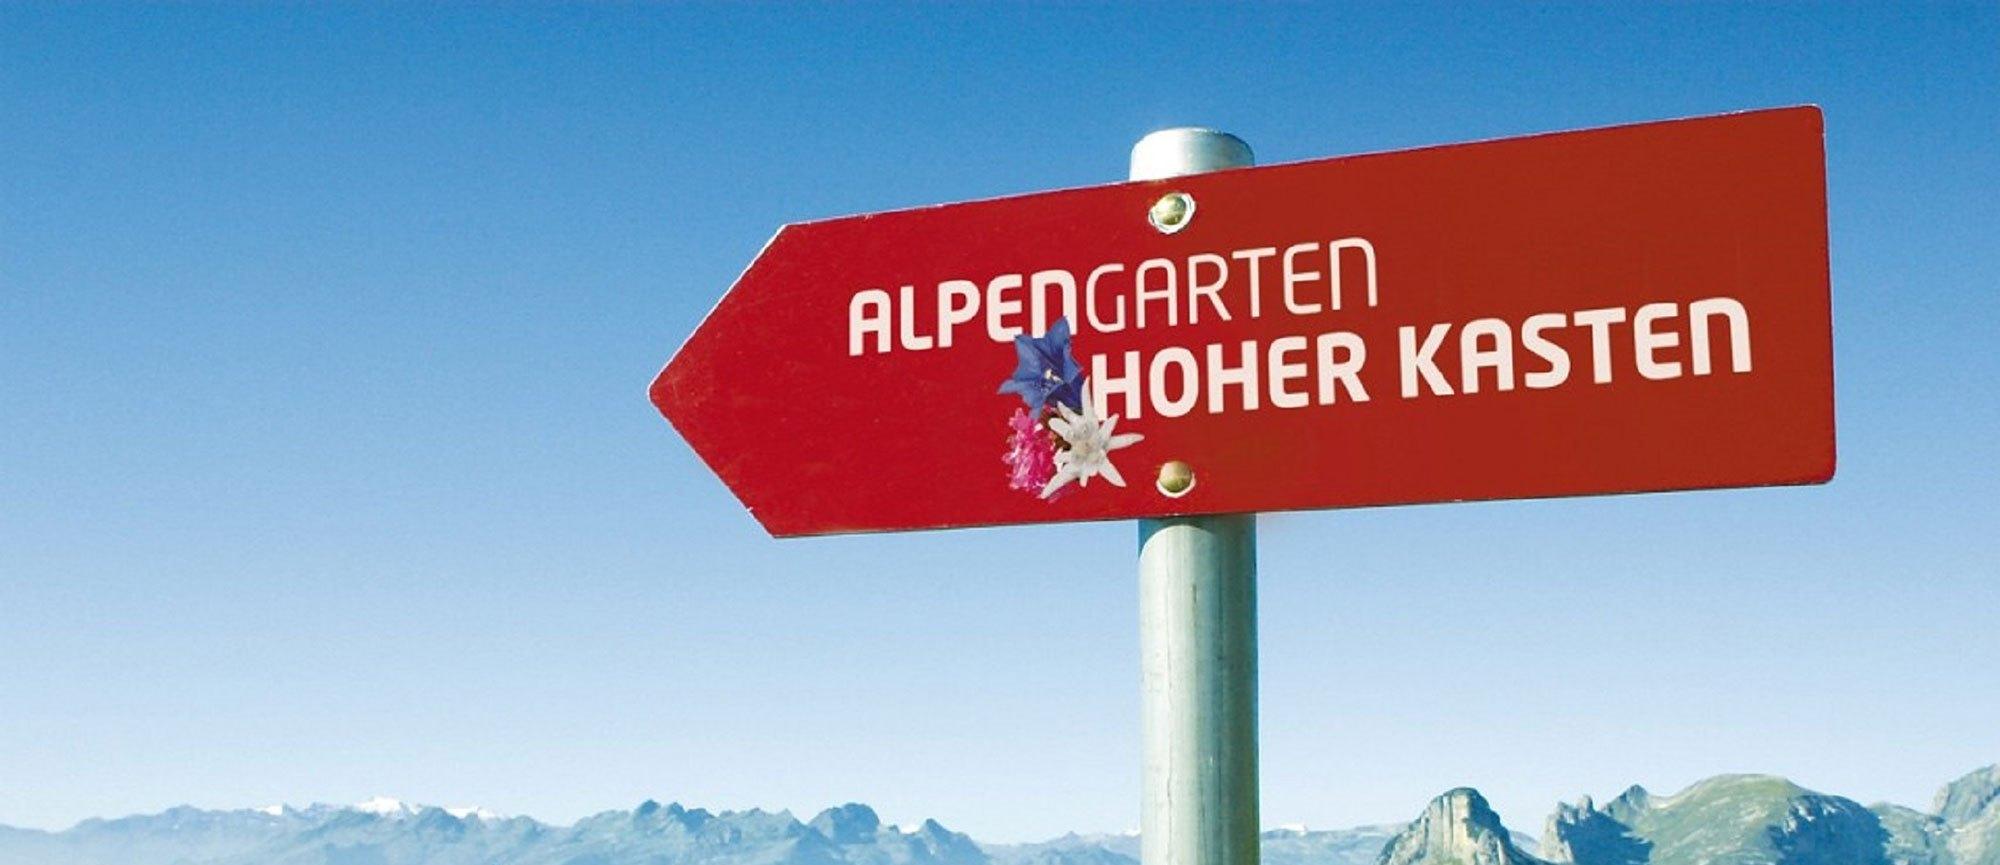 Alpengarten Hoher Kasten Appenzellerland Tourismus